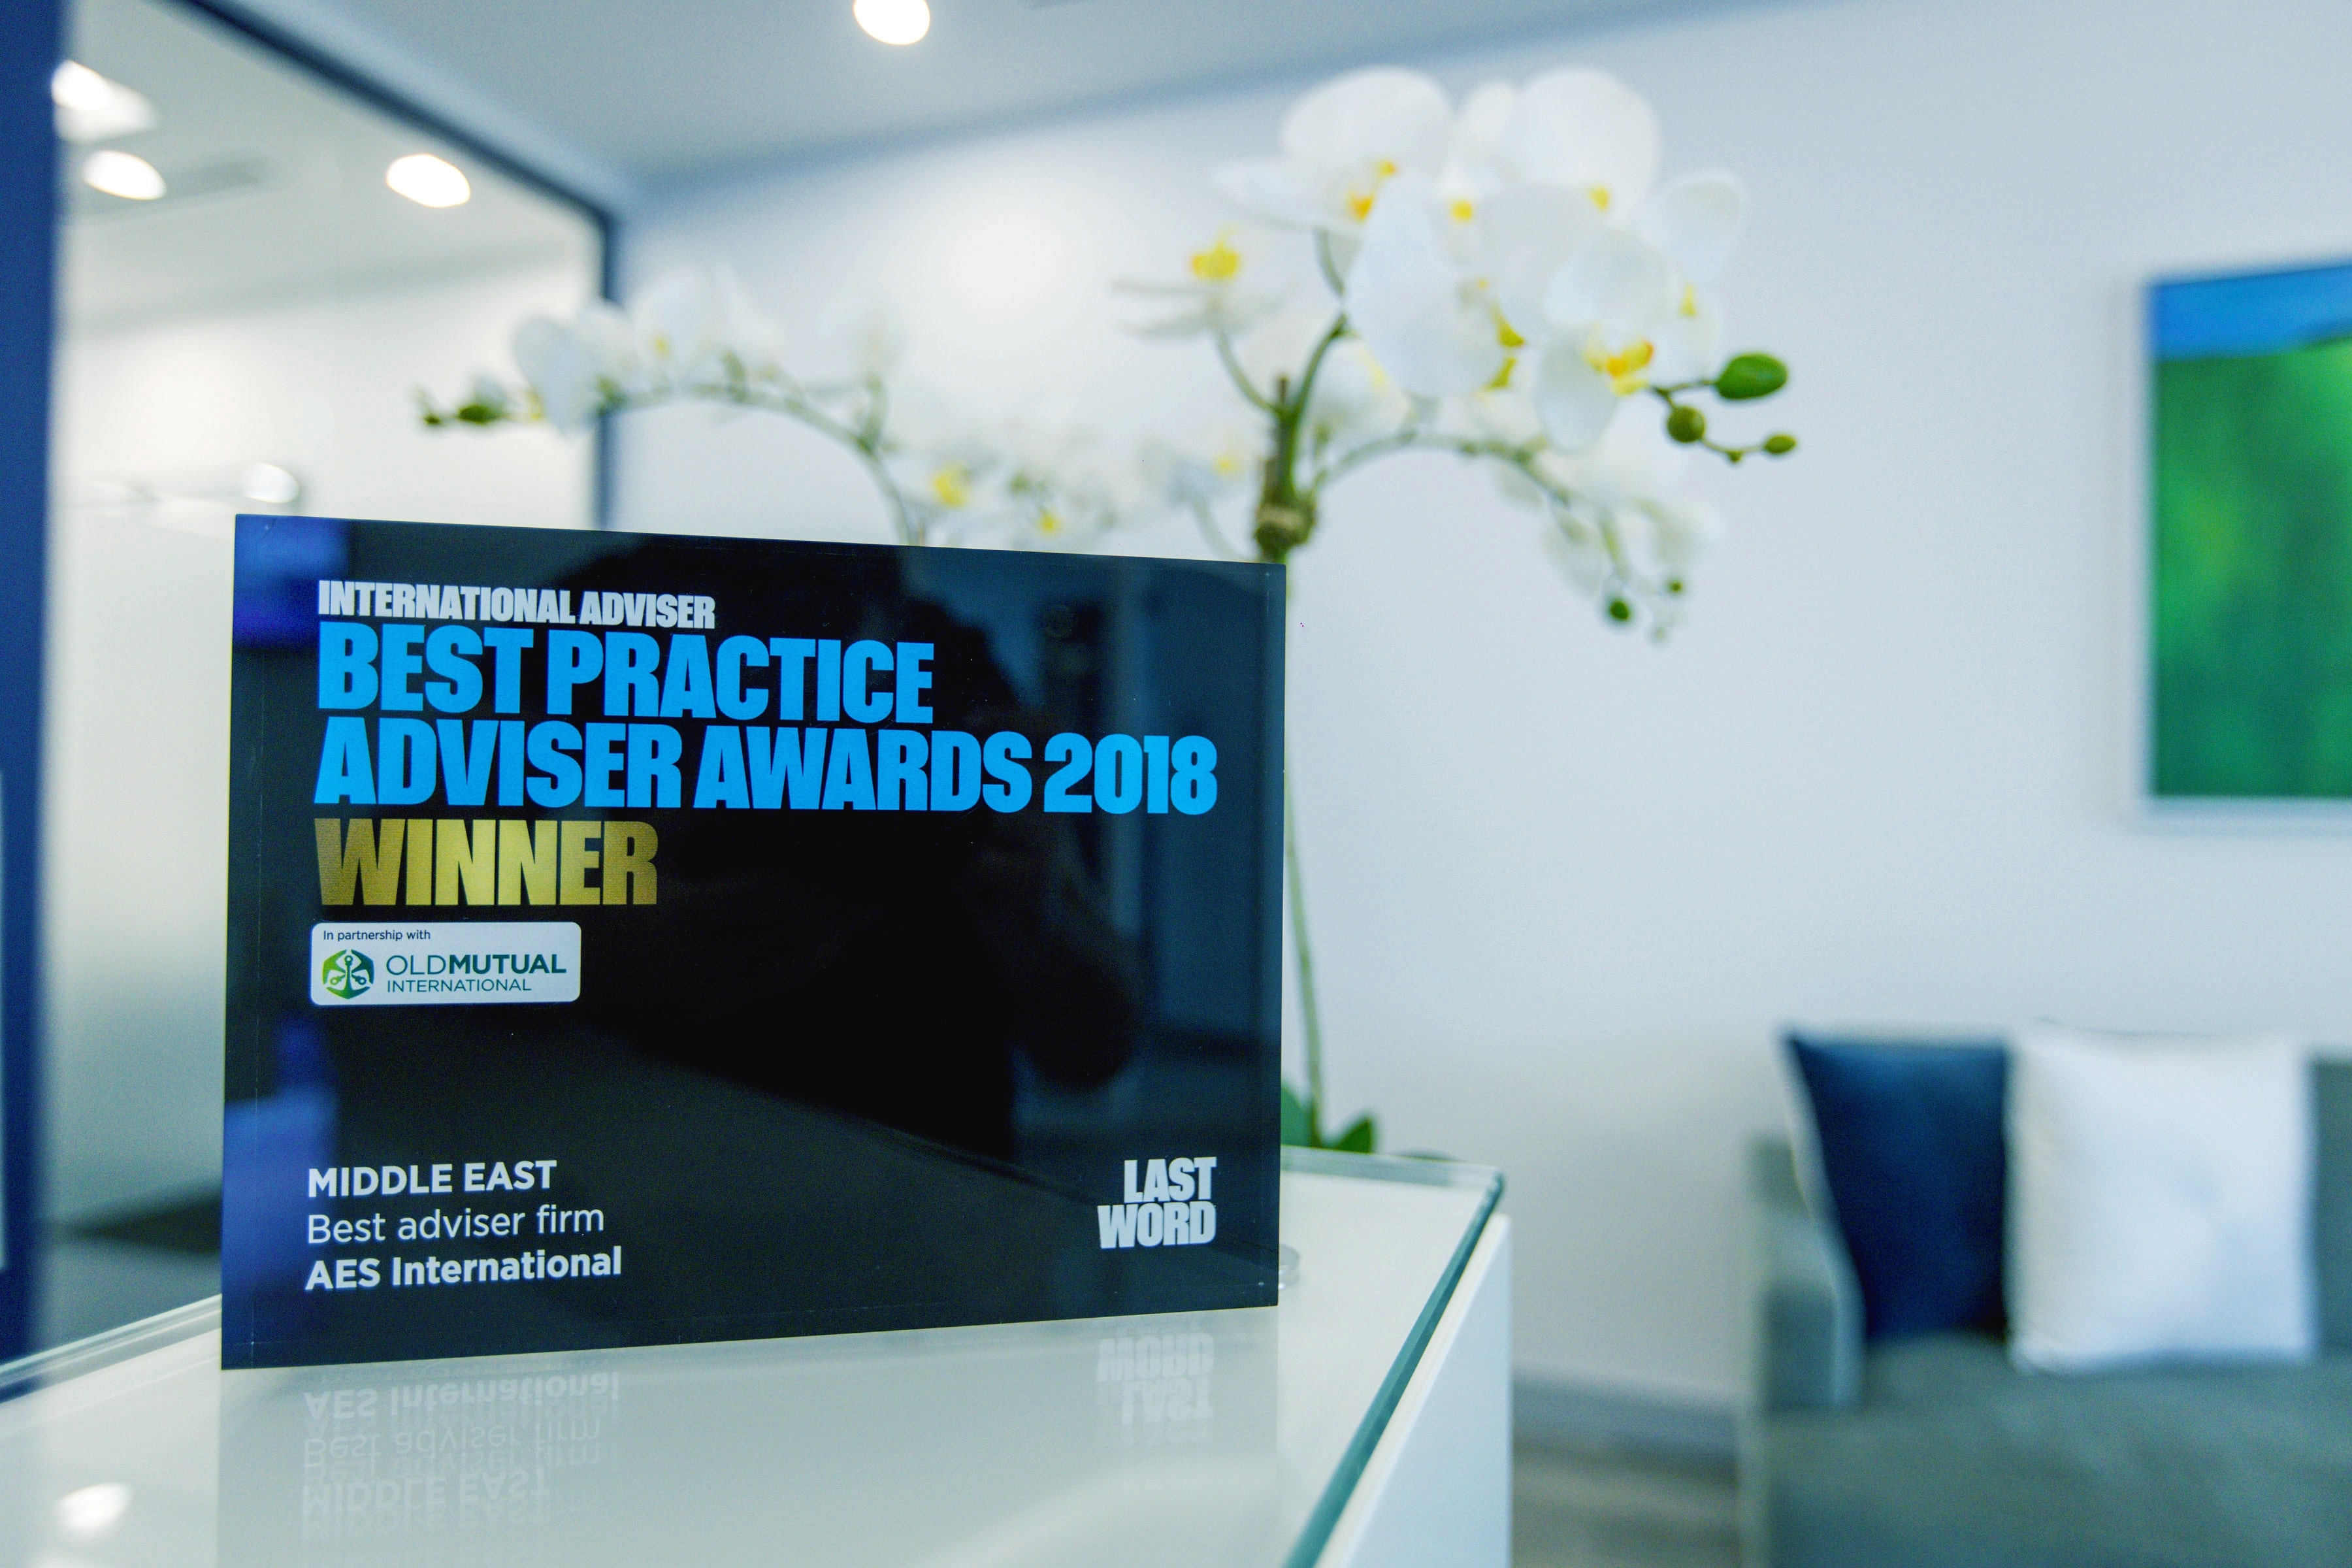 AES International awarded the International Adviser's best practice adviser award.